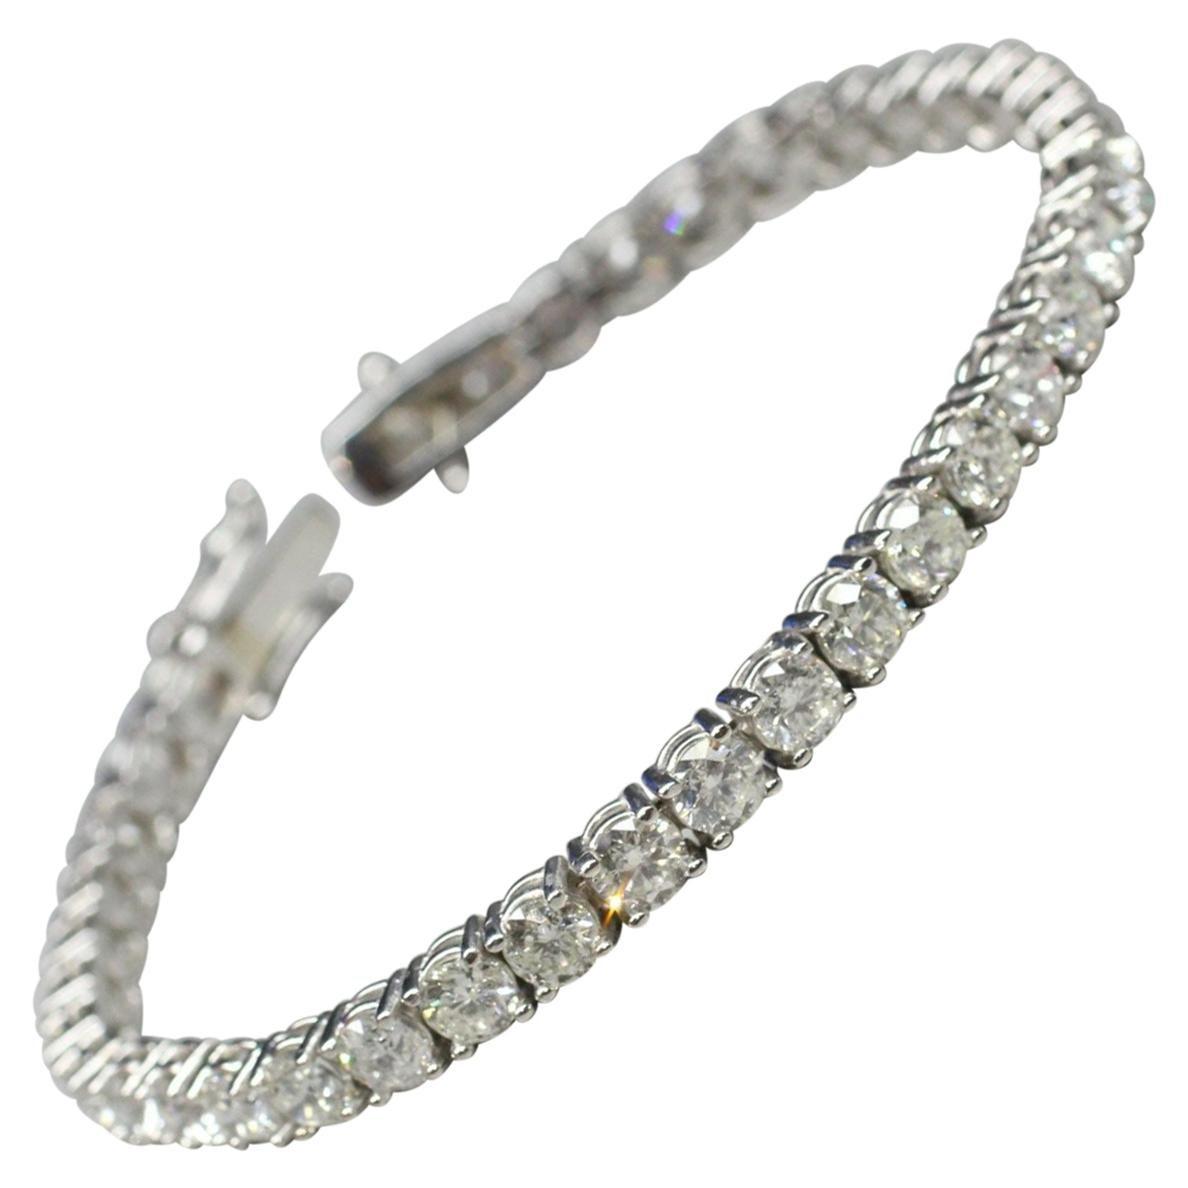 14k White Gold Diamond Tennis Bracelet Weighing 10.64cts